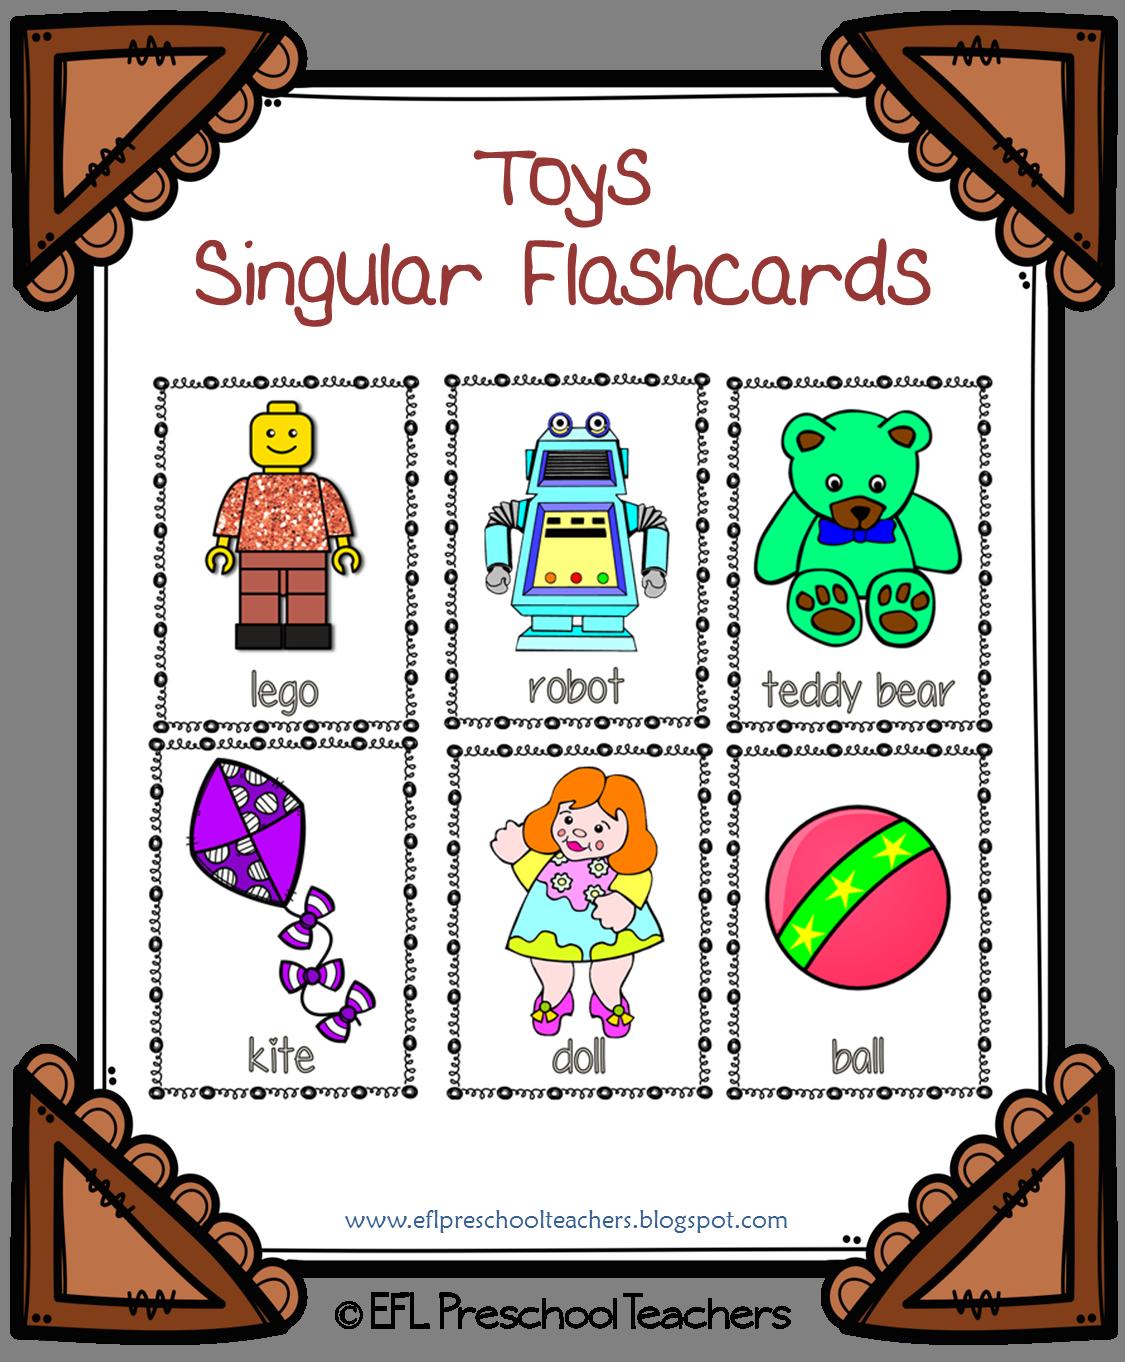 Esl Efl Preschool Teachers Toys Worksheets